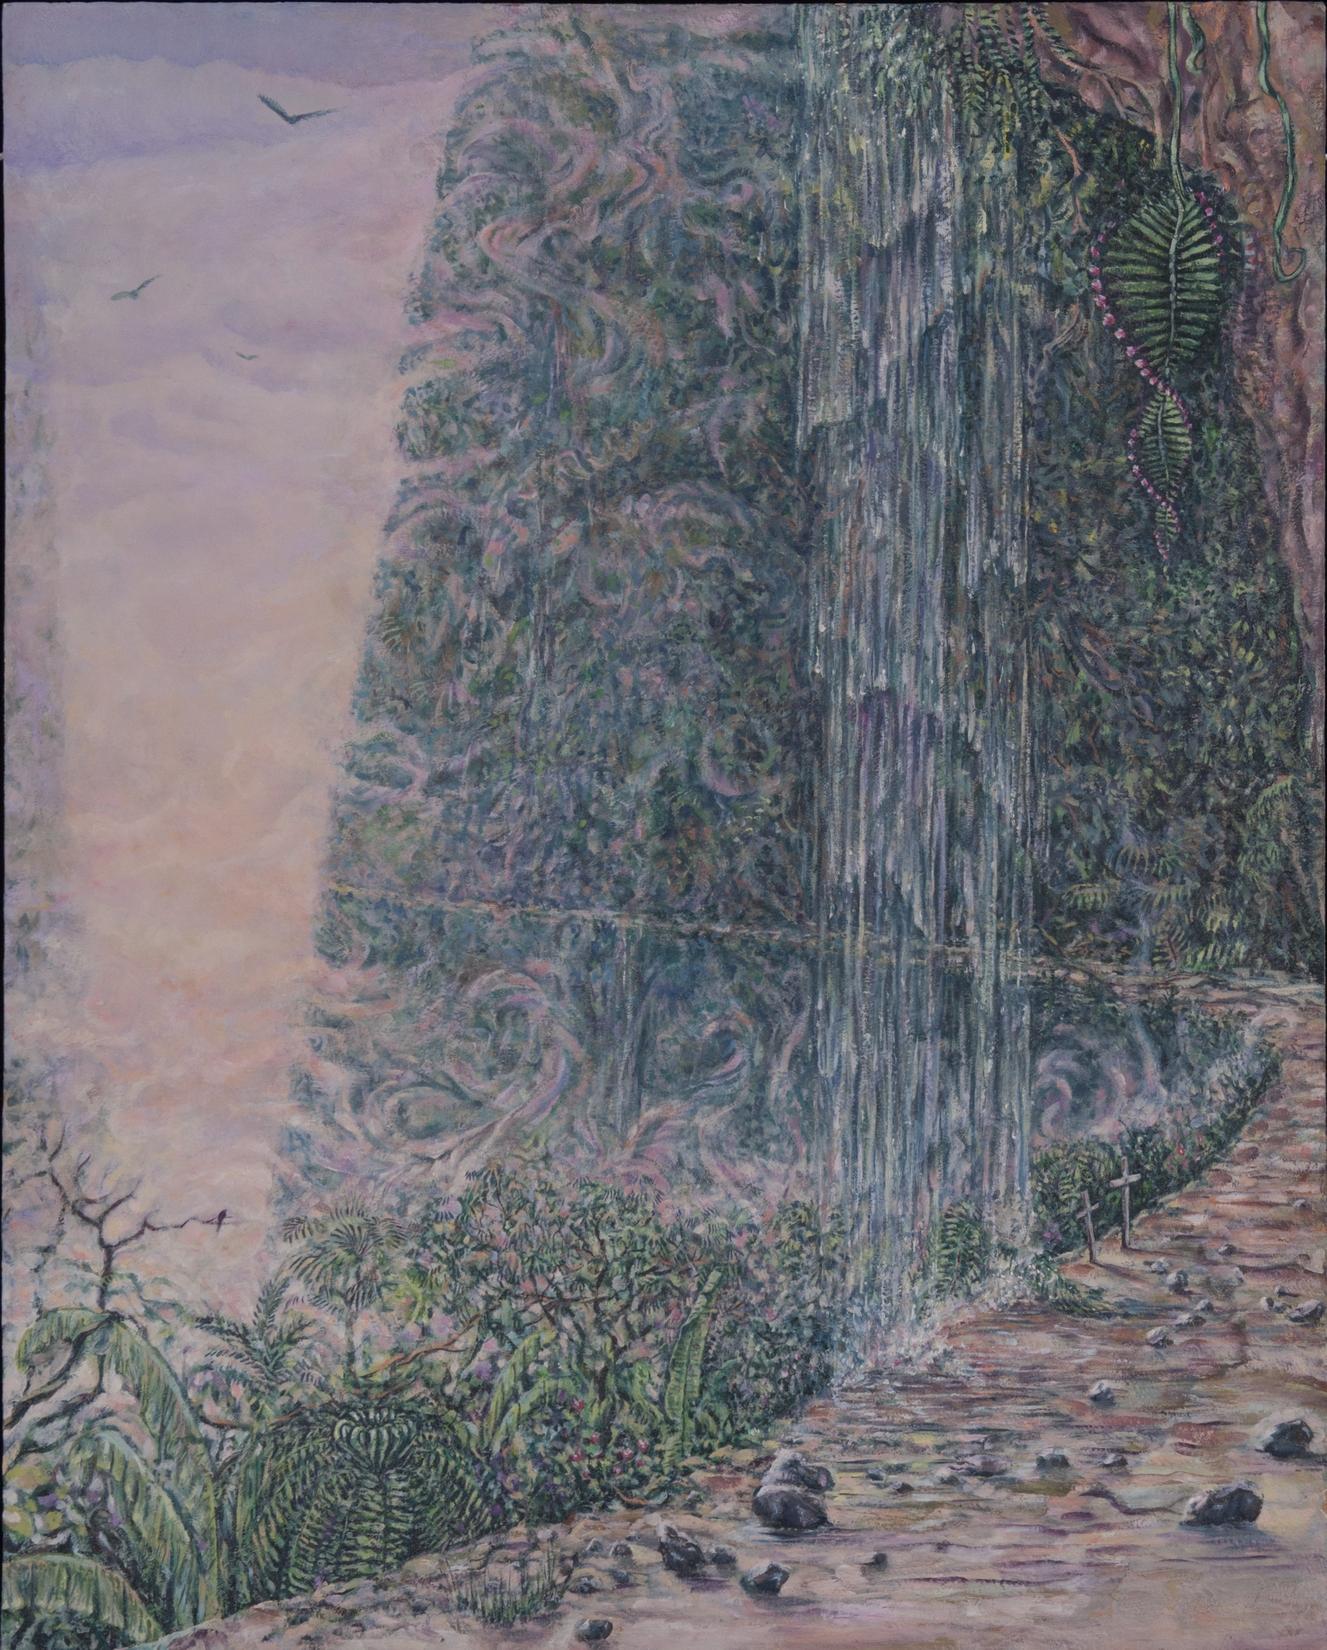 Road to Coroico - oil on masonite, 20 x 16